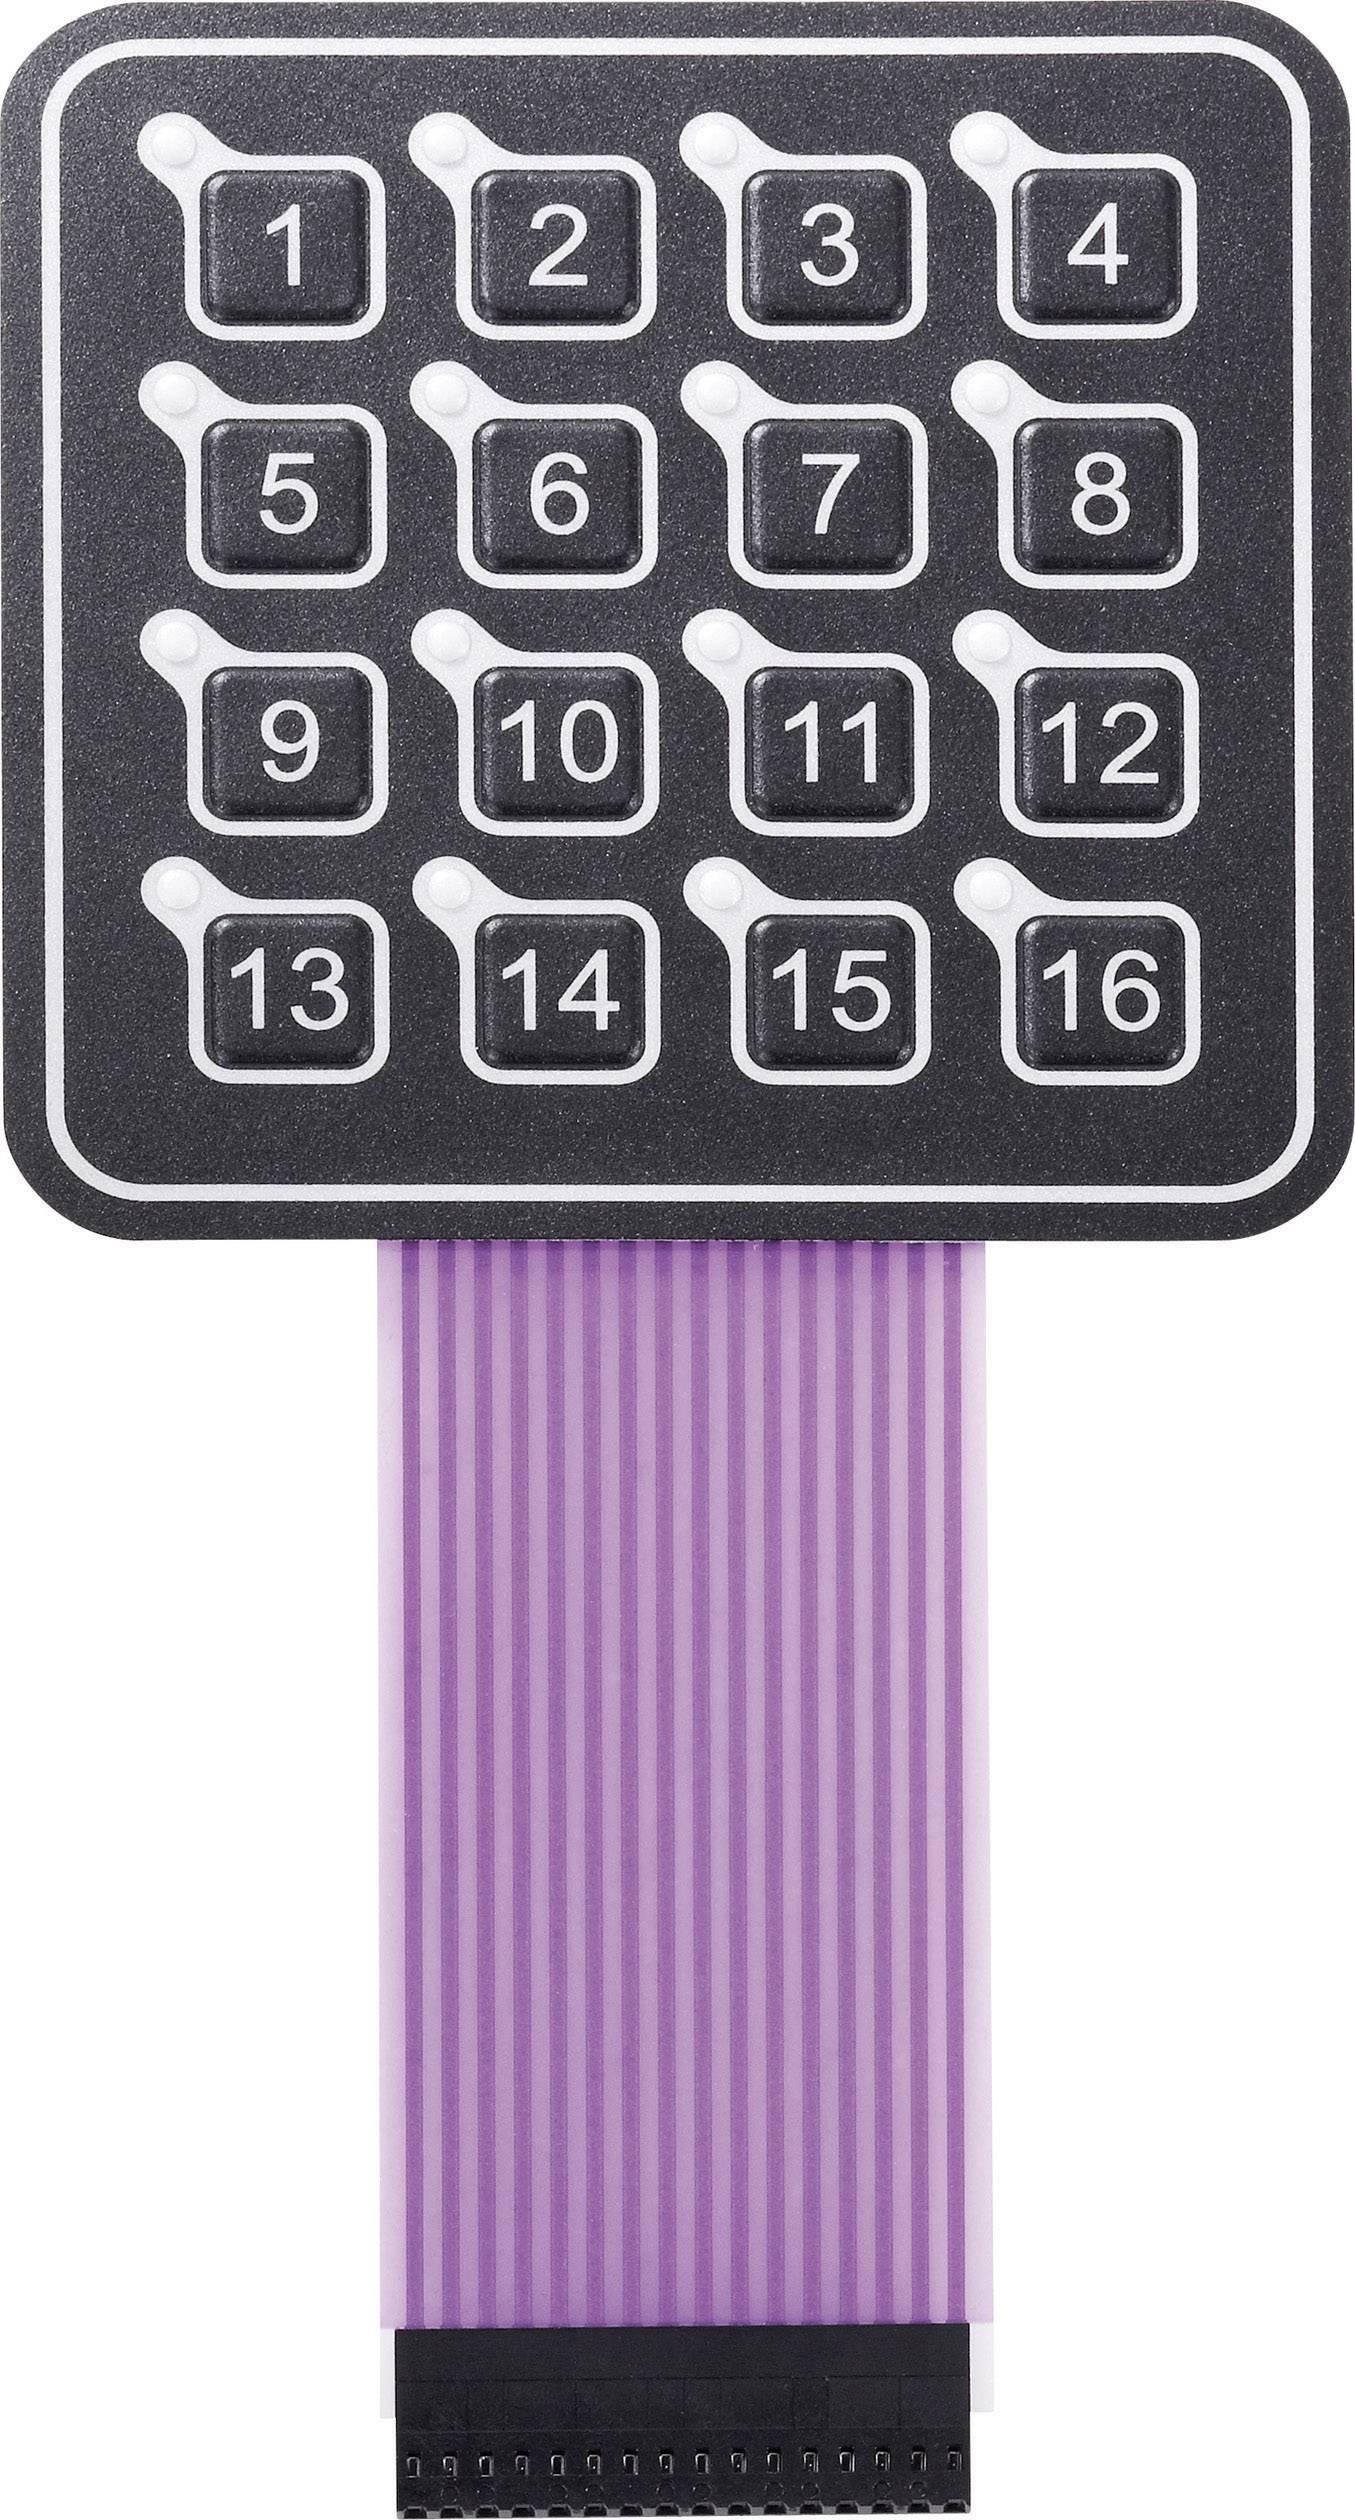 Fóliová klávesnica 4 x 4 APEM AC3561ILL, 1 ks